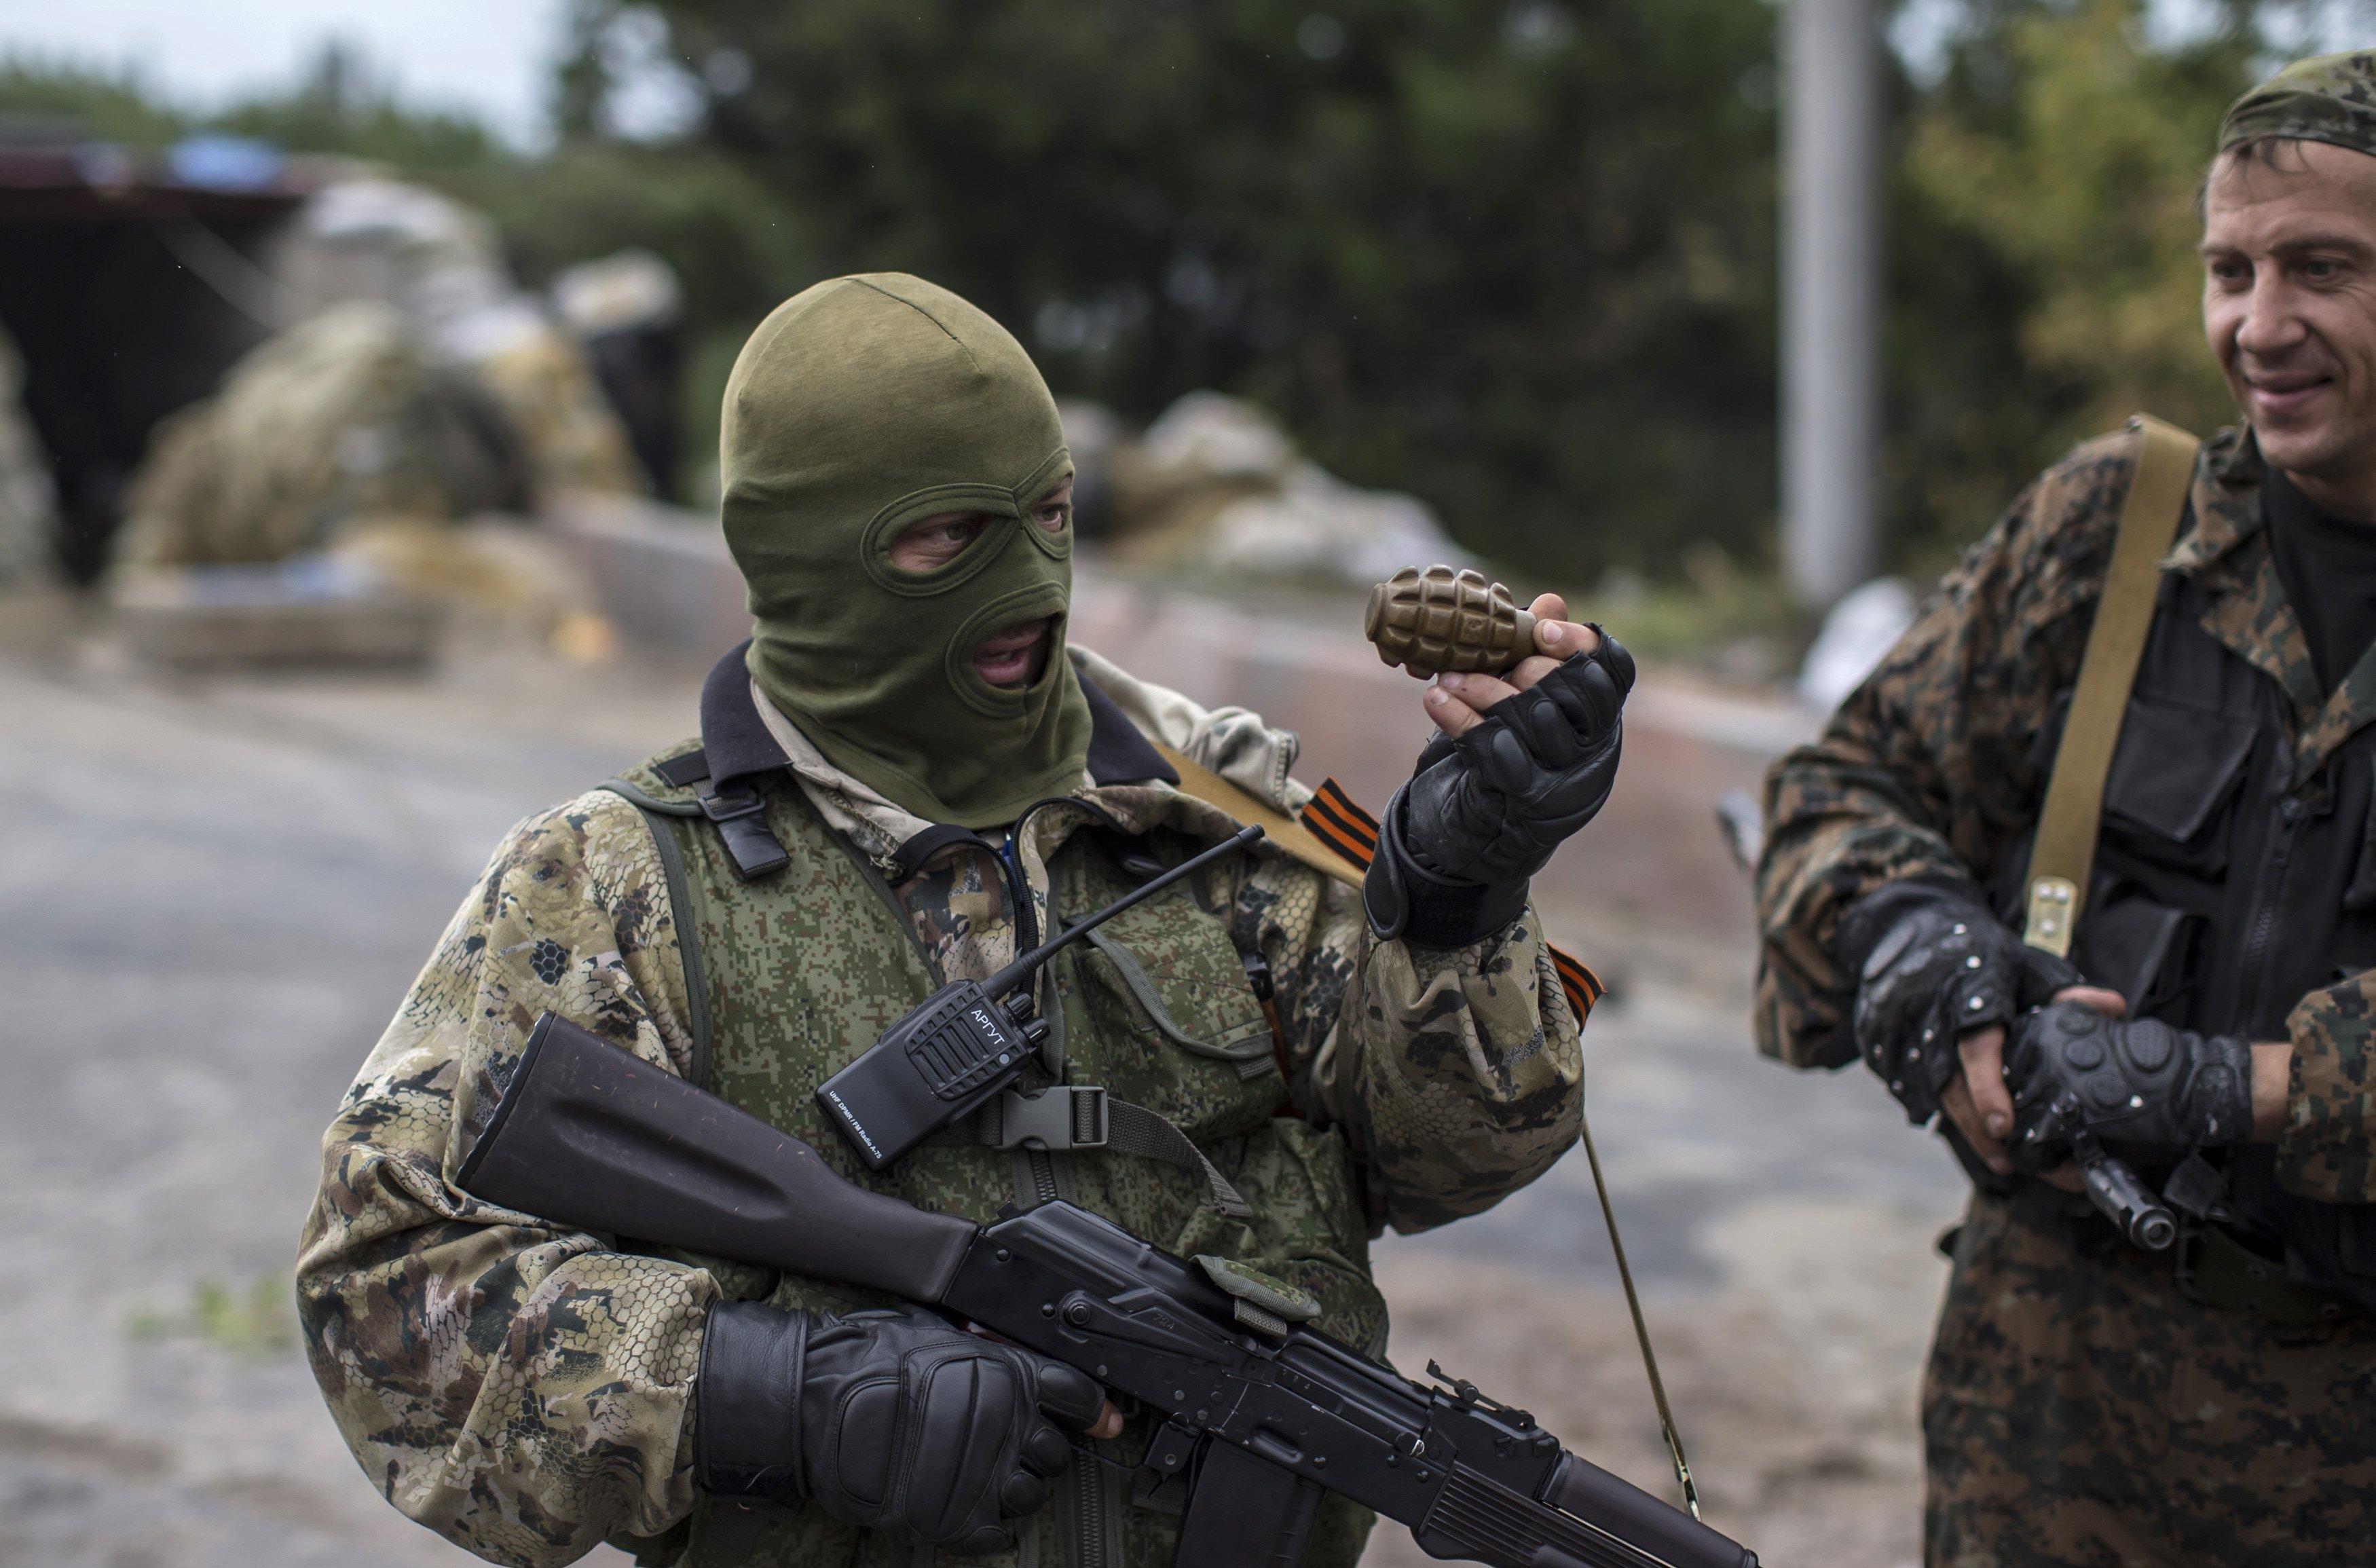 На Донбассе нашли очень наглого боевика: в сети высмеяли видео